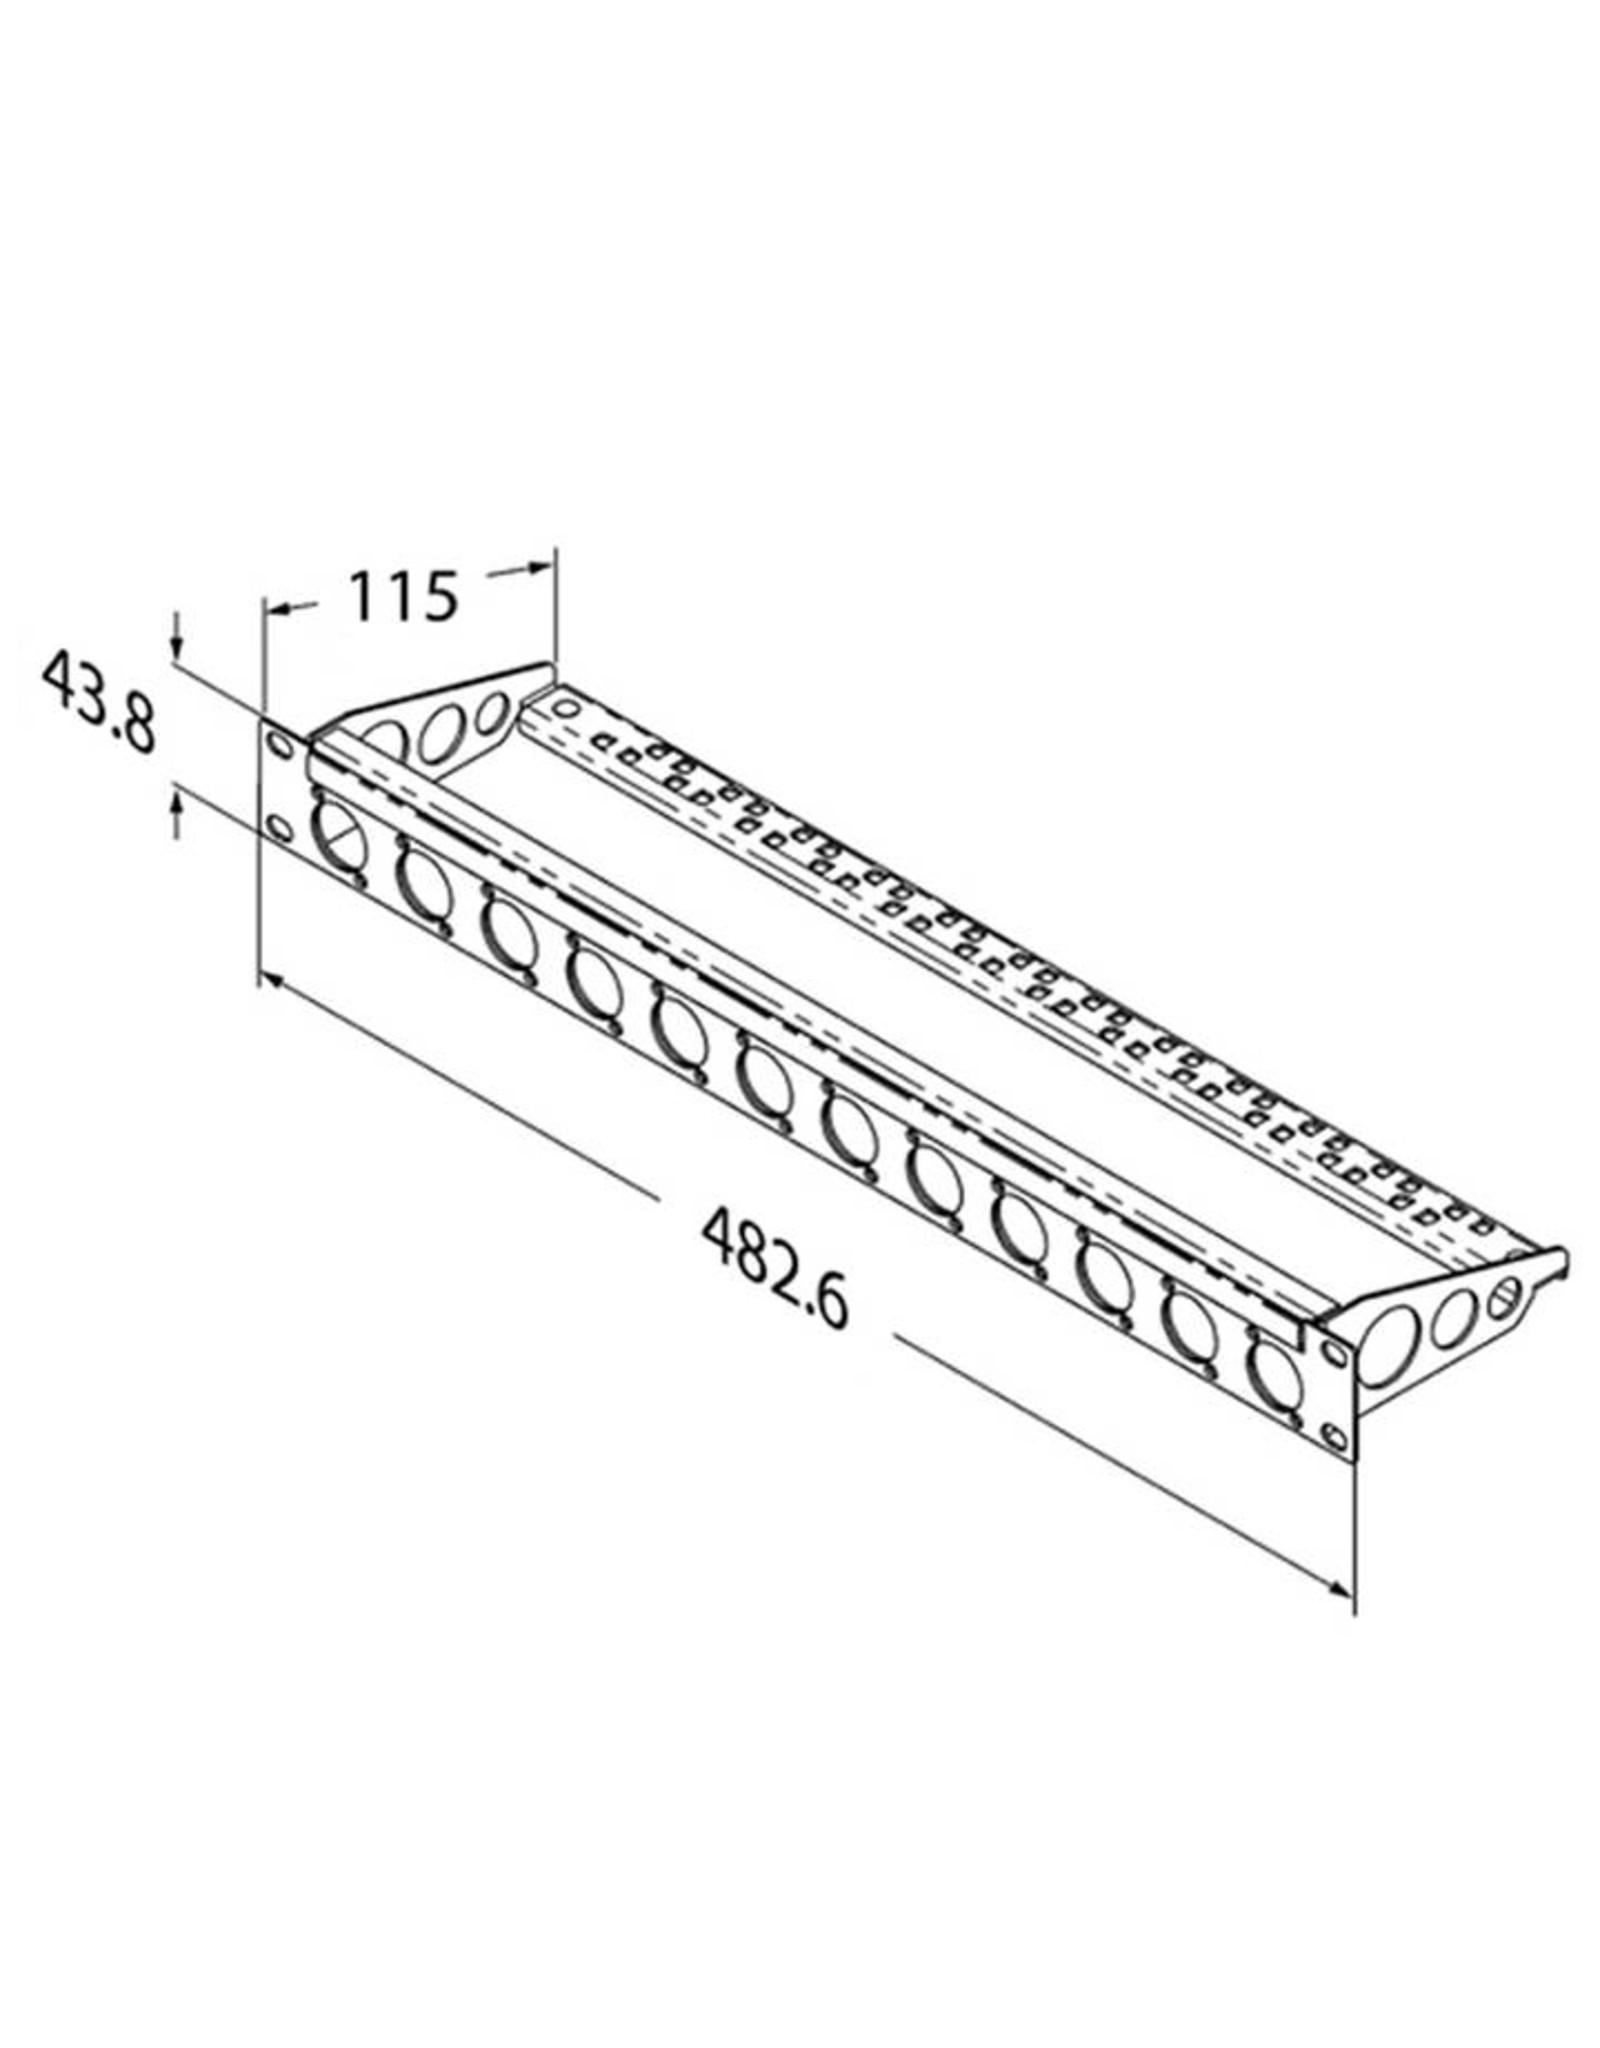 Penn Elcom Penn Elcom frontplaat, 12 gaten Neutrik D, voor MDLX-serie, staal, 1 HE, met kabelsupport